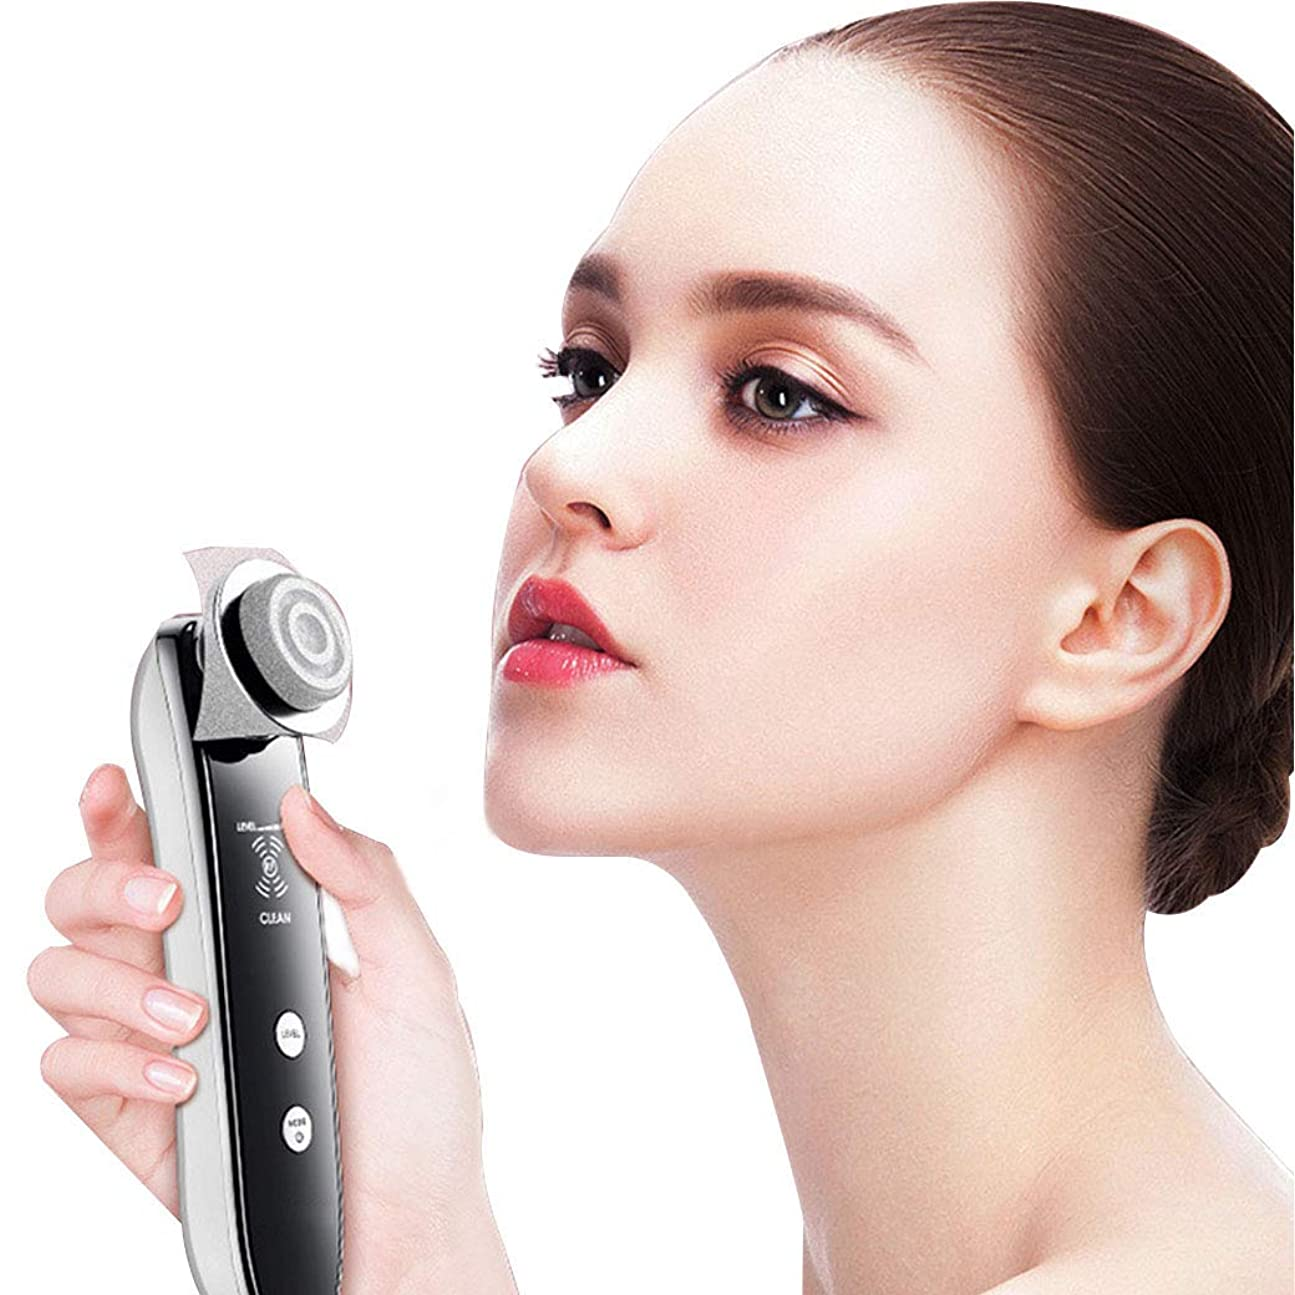 終わり改修許されるRF の無線周波数の美の器械 5 1 の多機能の顔のマッサージ器、皮の気遣うことのための美装置、穏やかな剥離および気孔の収縮のための機械